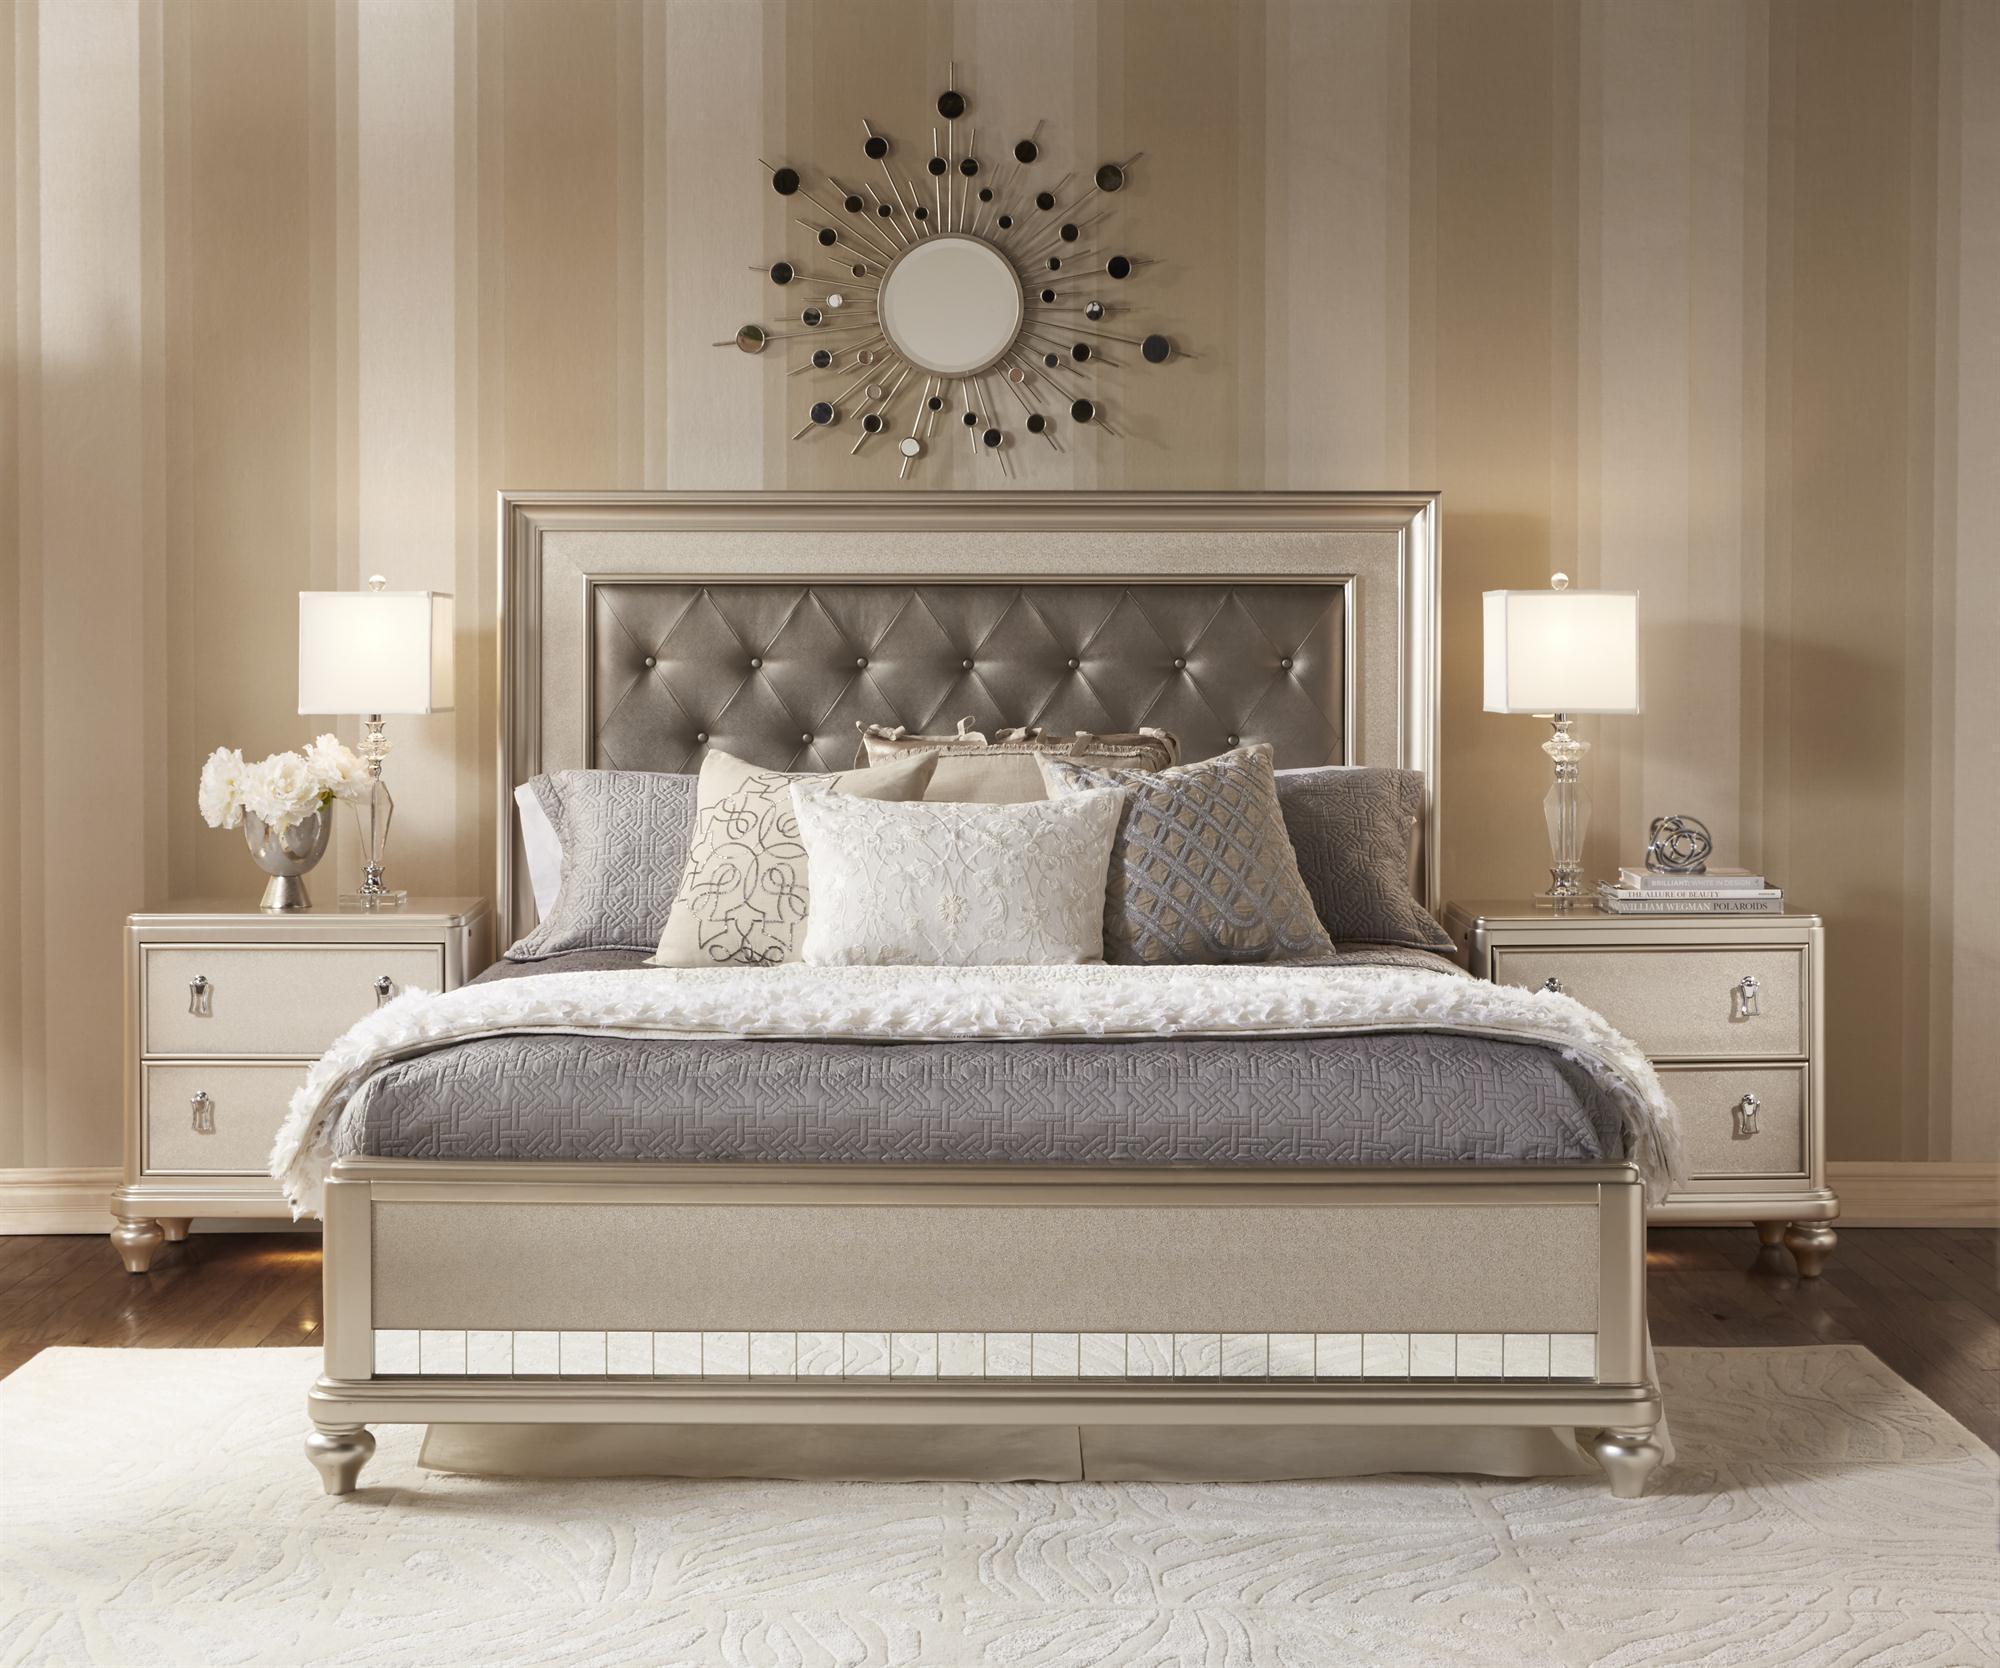 Image Result For Bobs Bedroom Furniture